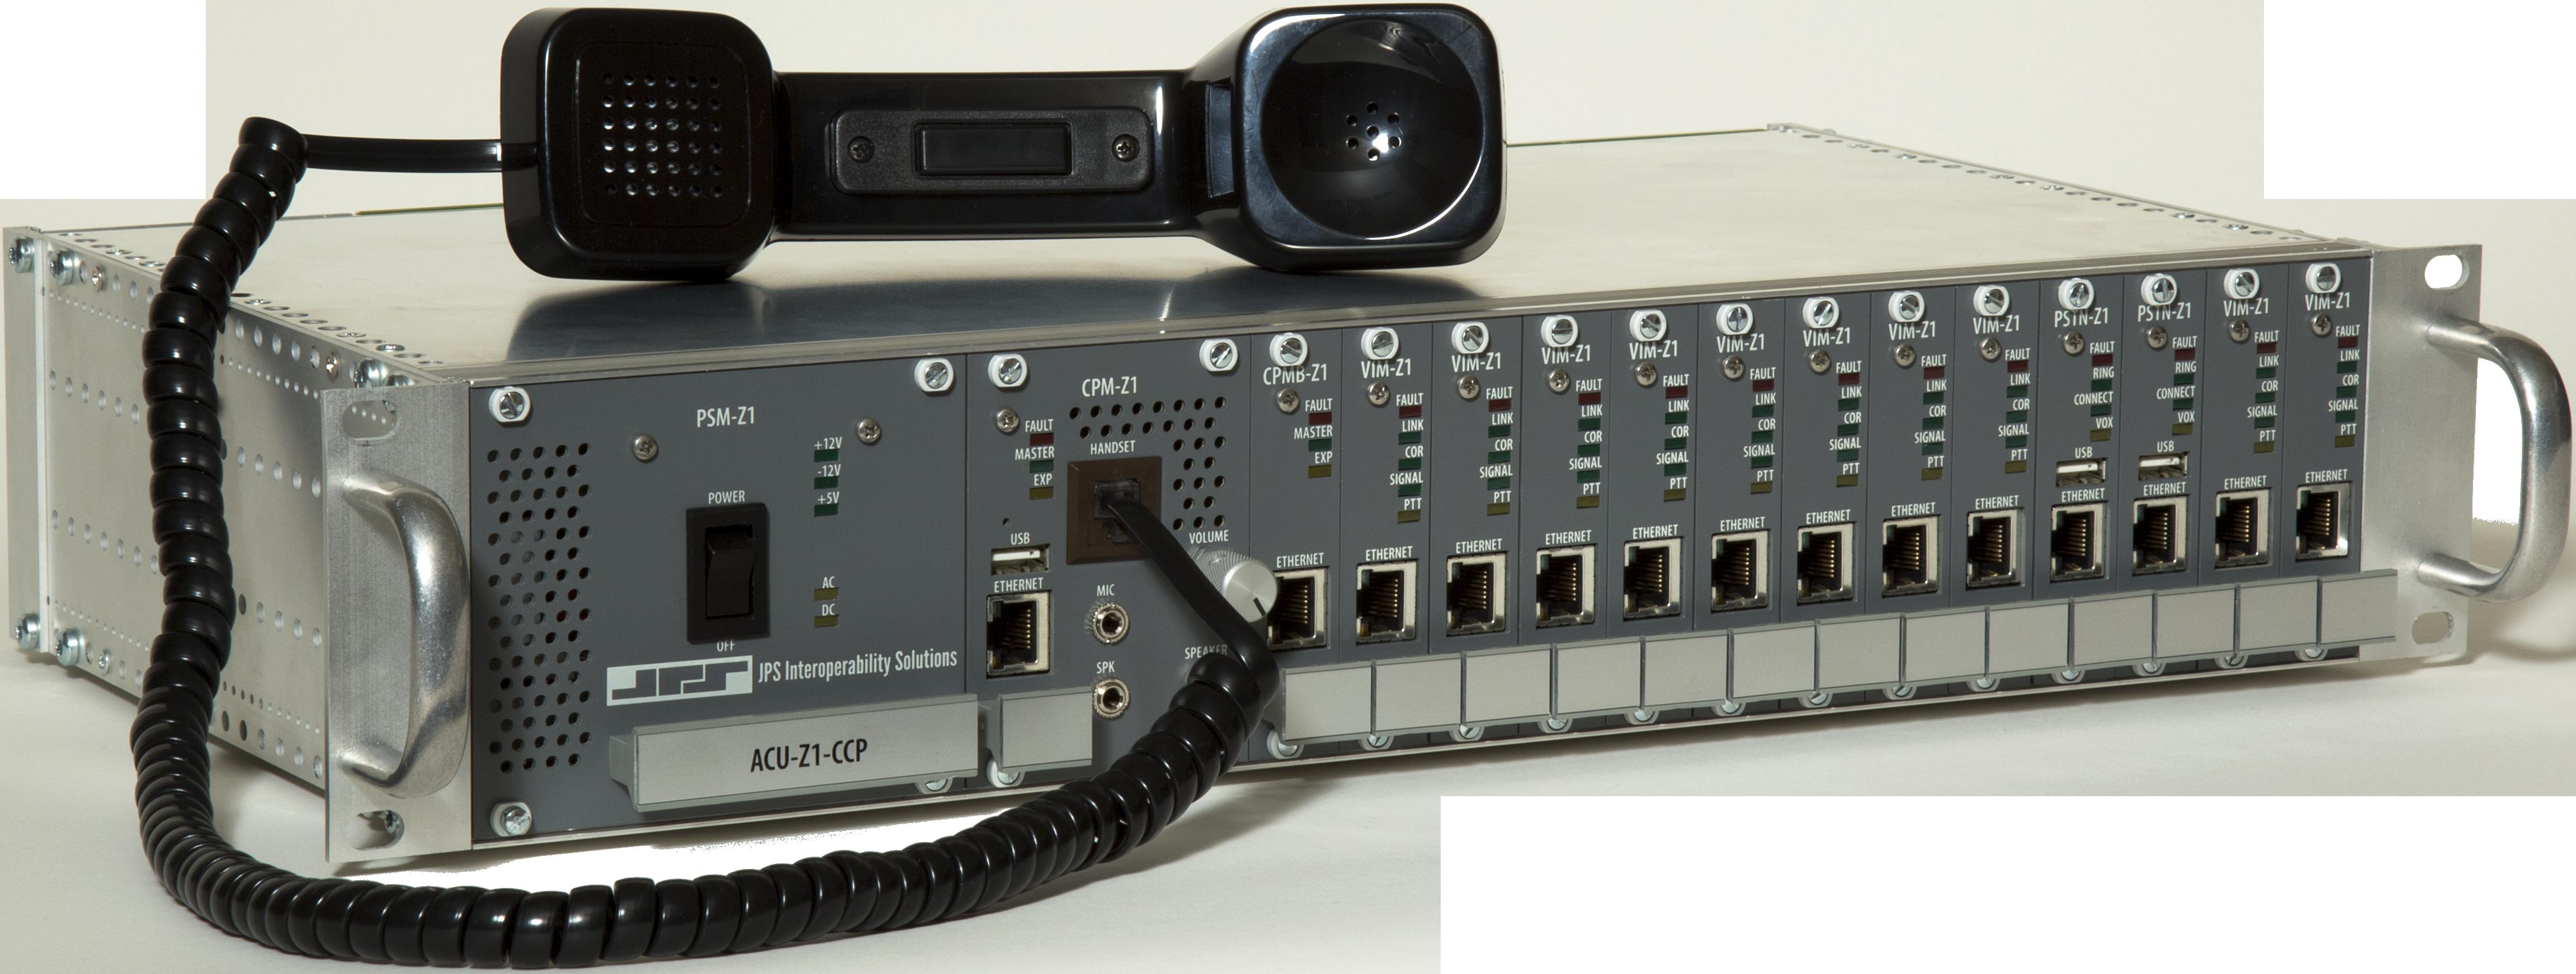 JPS Interop (Formerly Raytheon) ACU-Z1 Modular Gateway